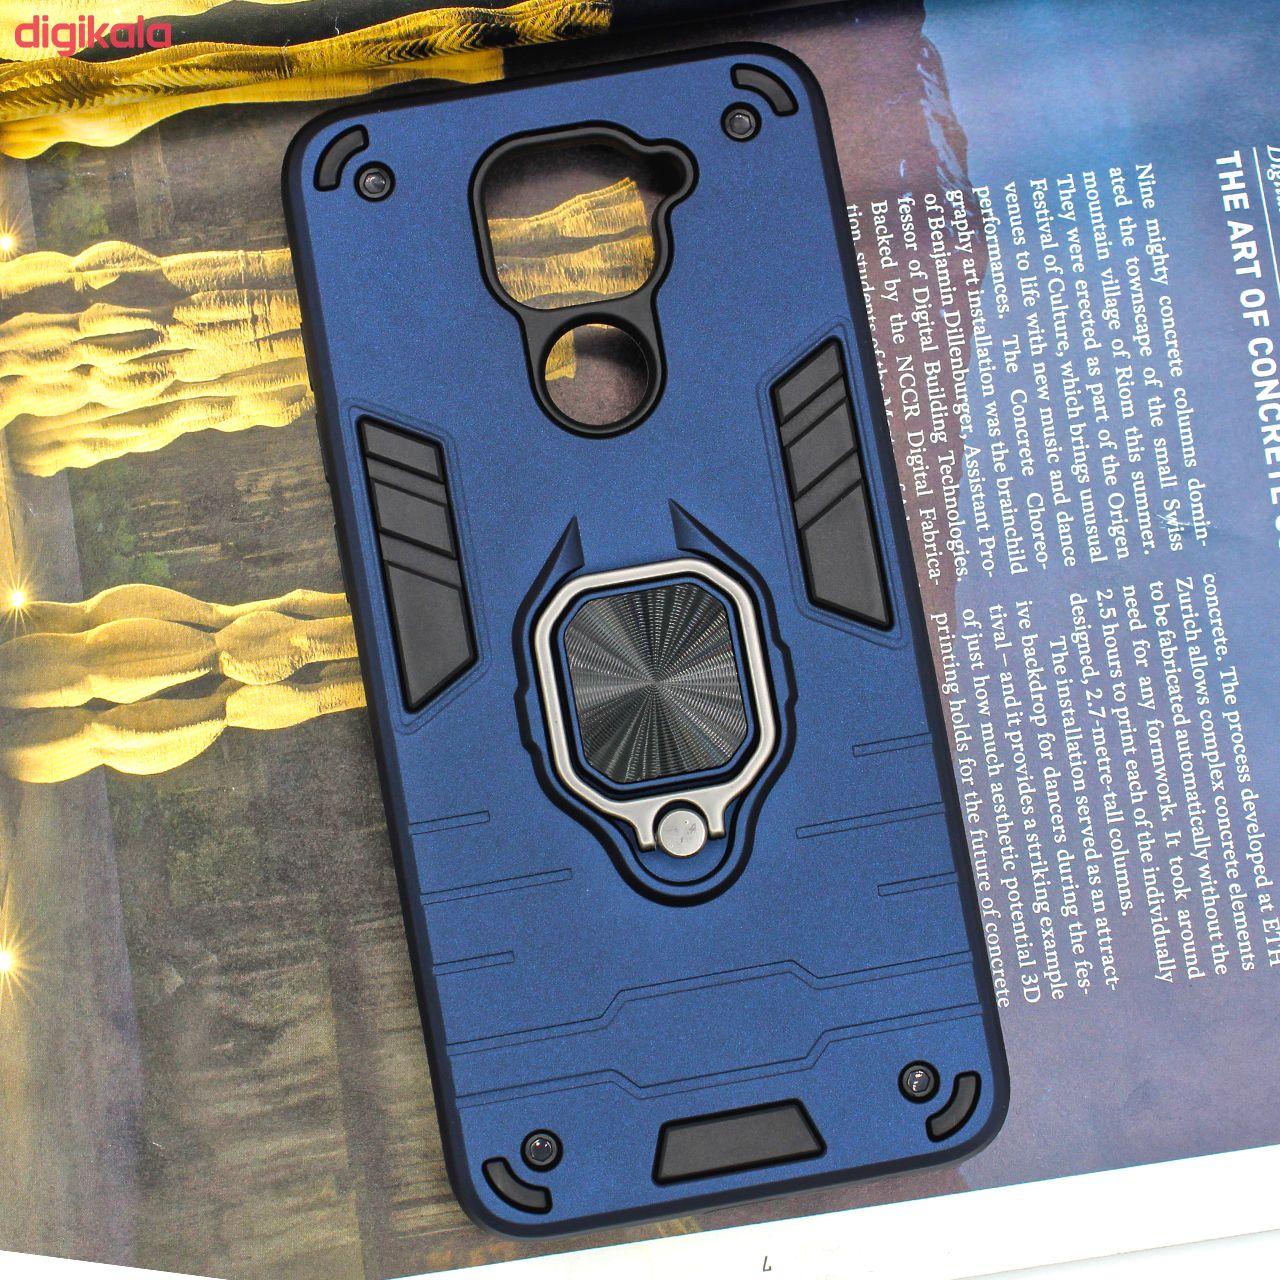 کاور کینگ پاور مدل ASH22 مناسب برای گوشی موبایل شیائومی Redmi Note 9 main 1 11